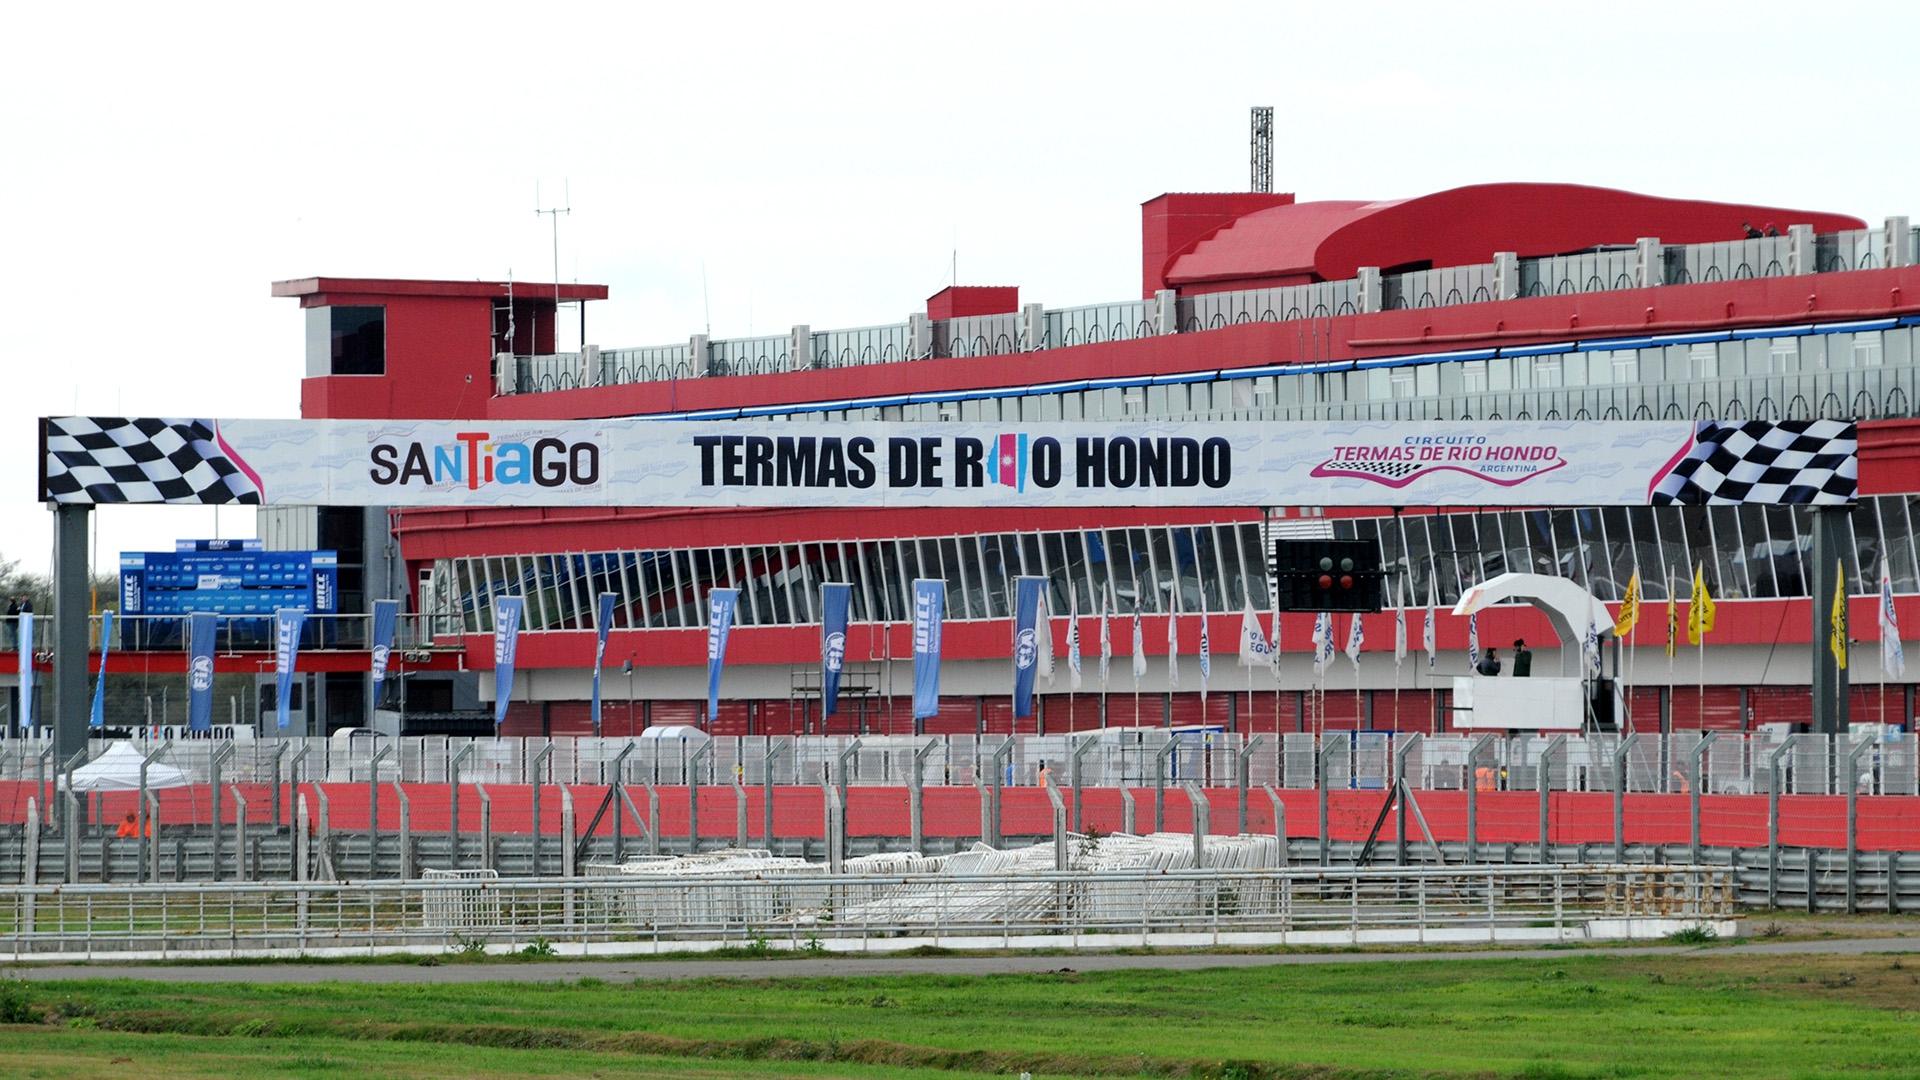 Televisaci�n del #TNenTermas